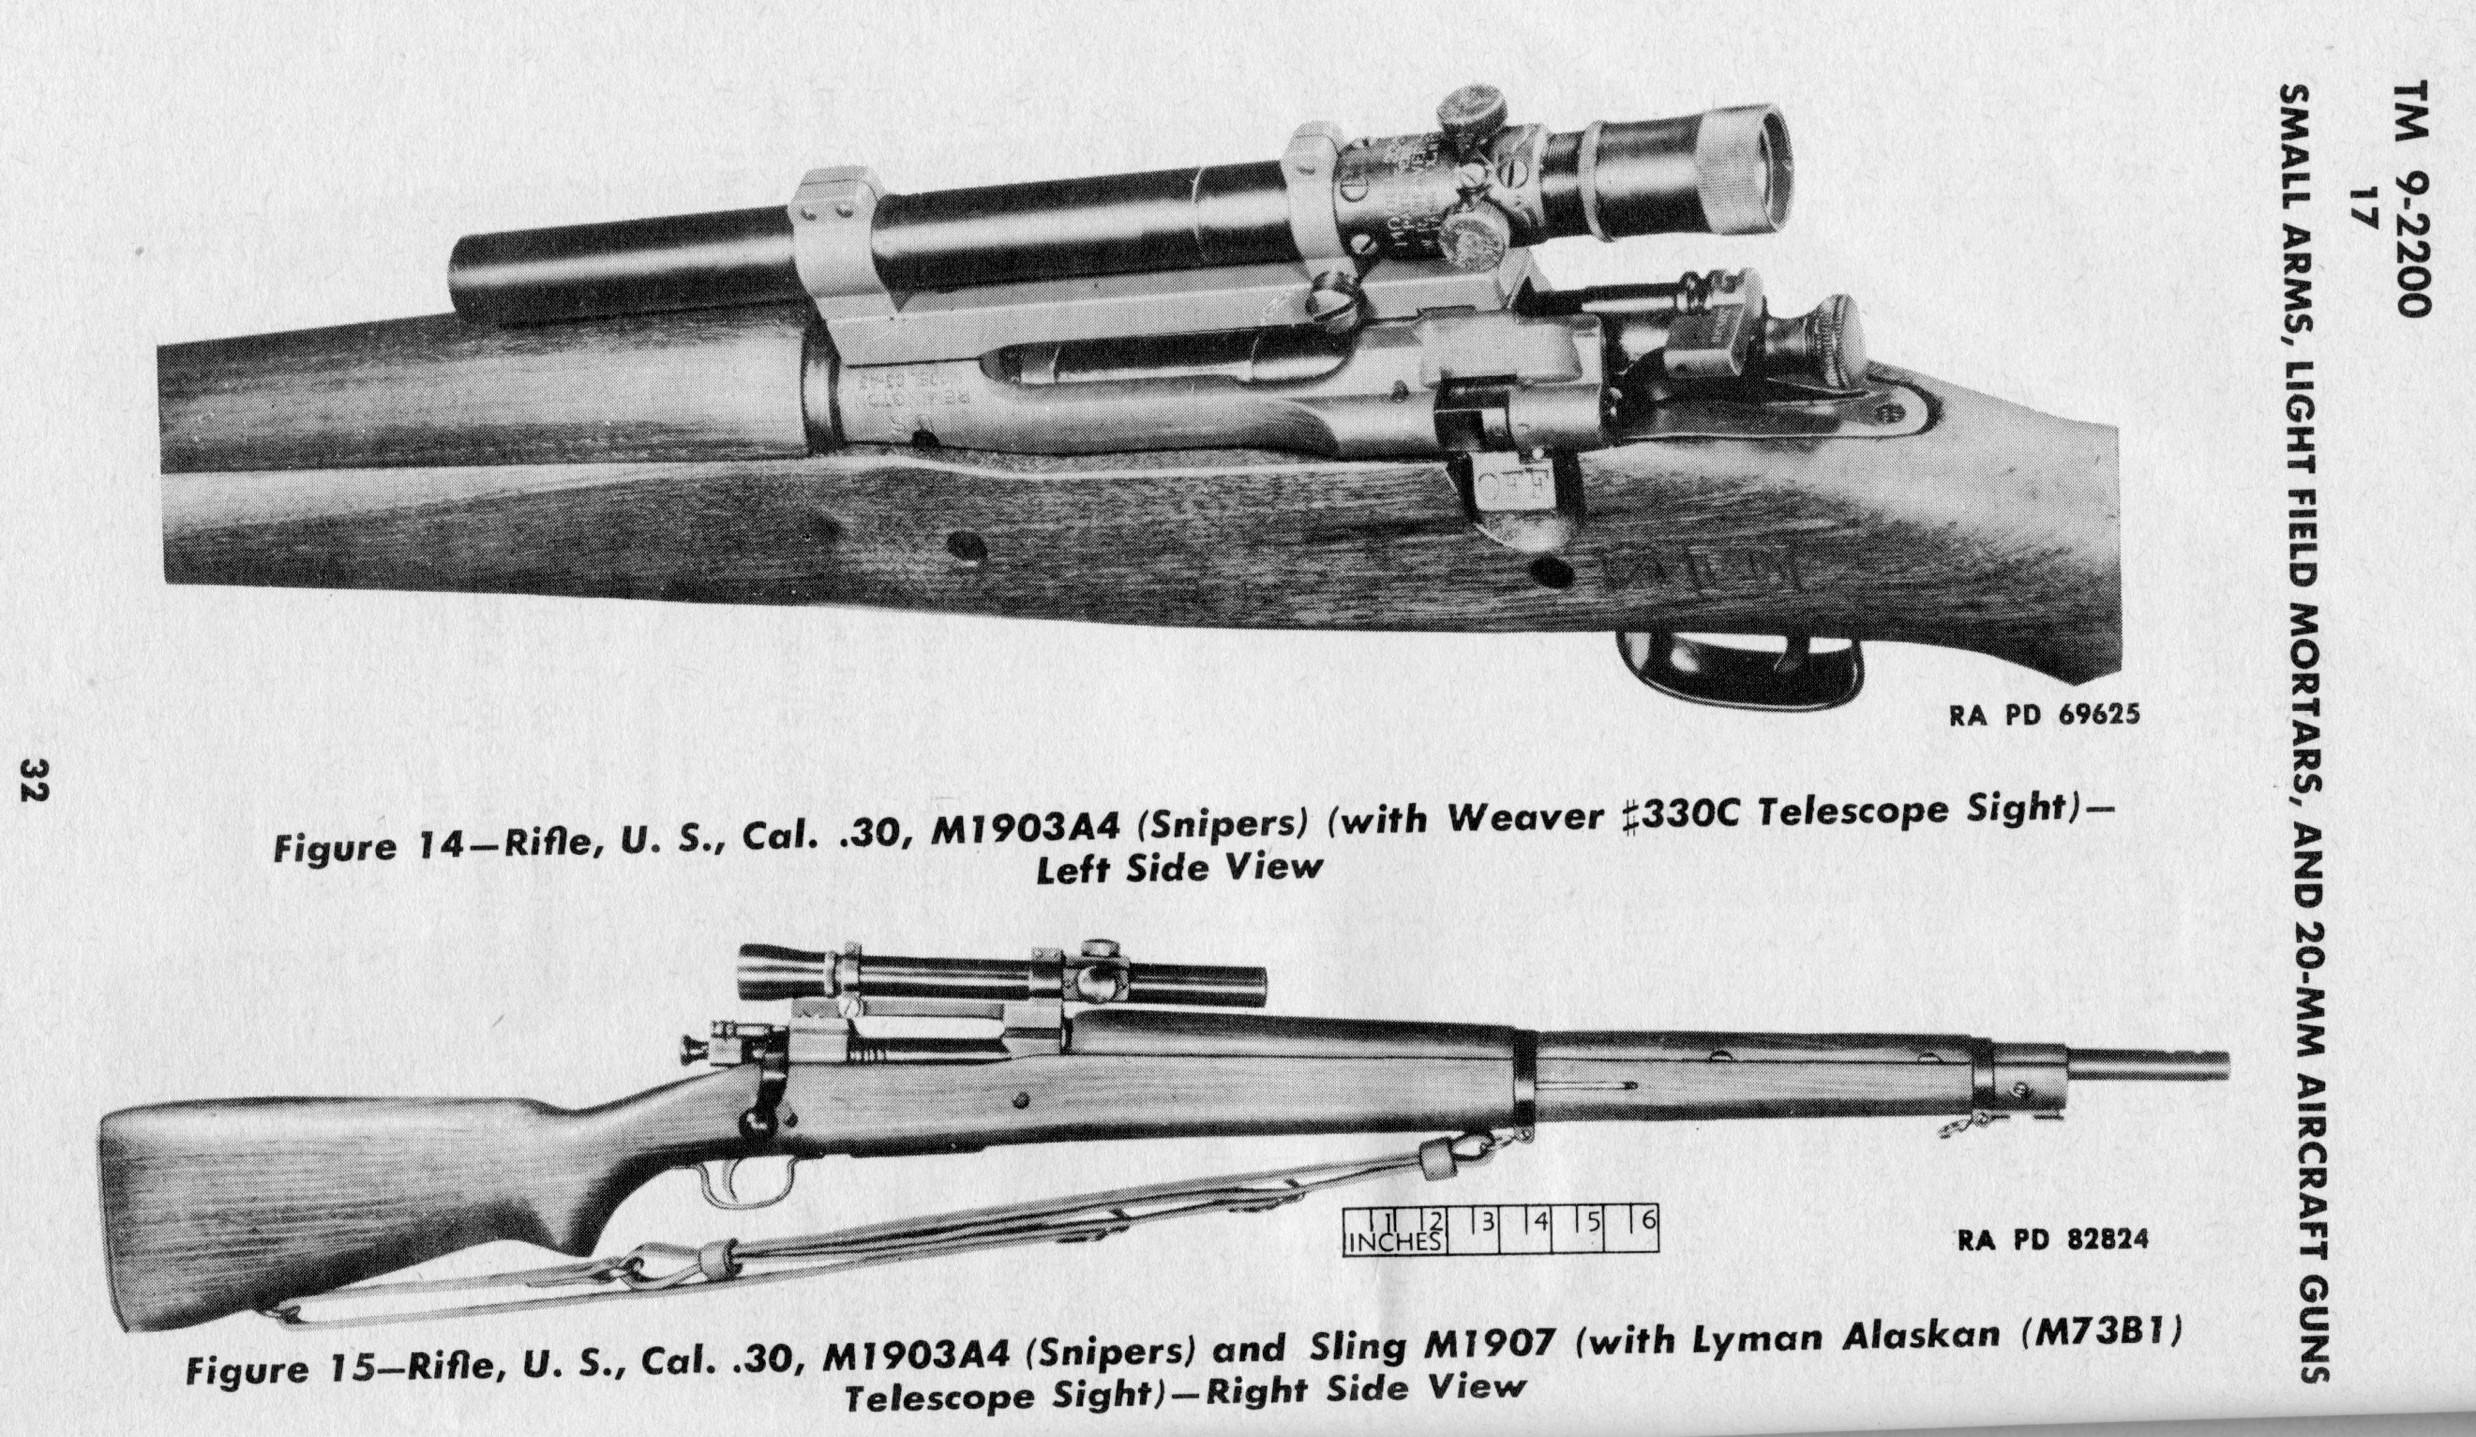 U.S. M1903A4 sniper rifle